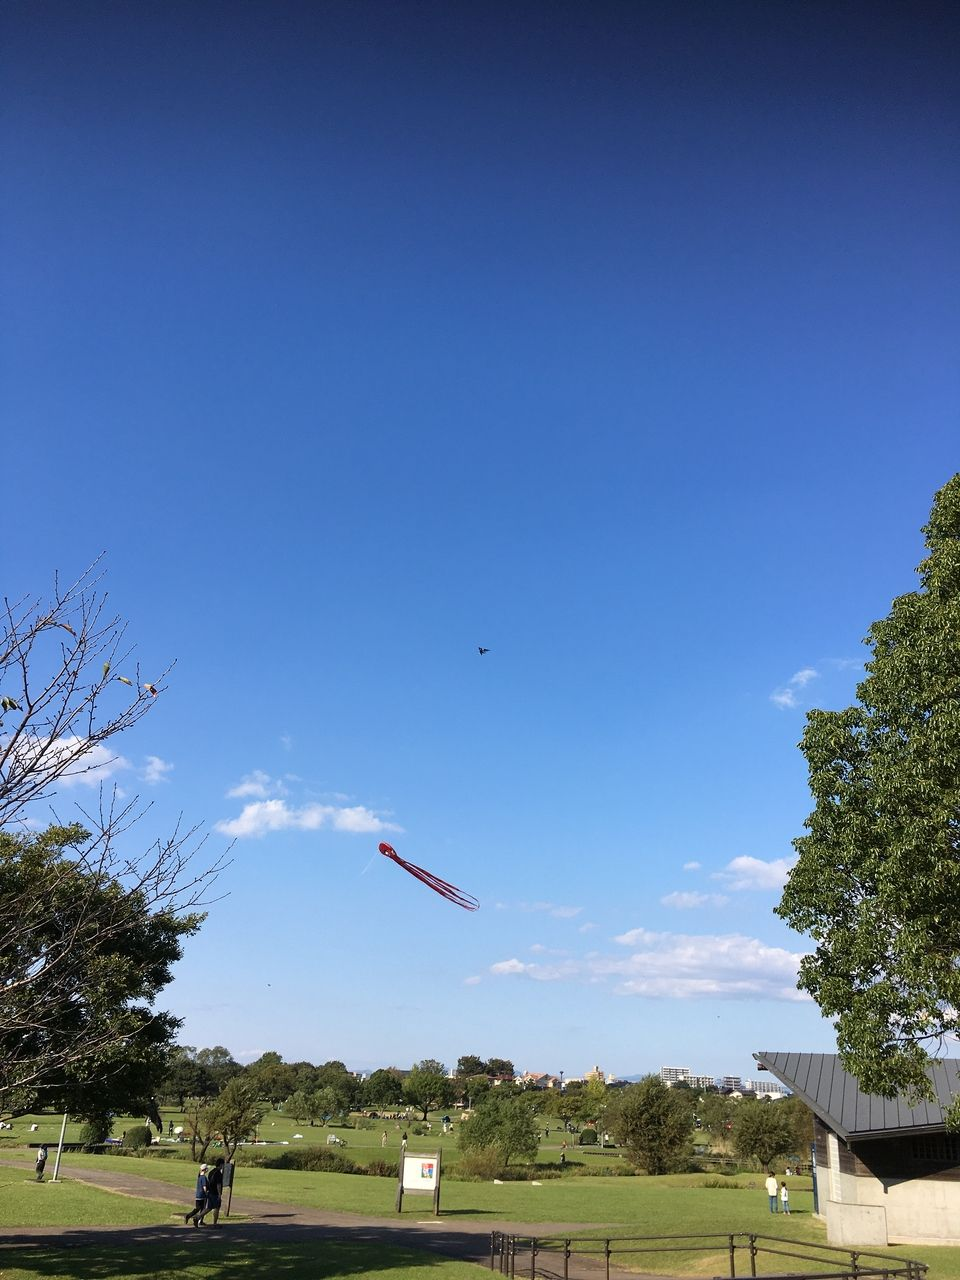 熊本市東区水前寺江津湖公園・広木地区 秋空に蛸の大凧舞う